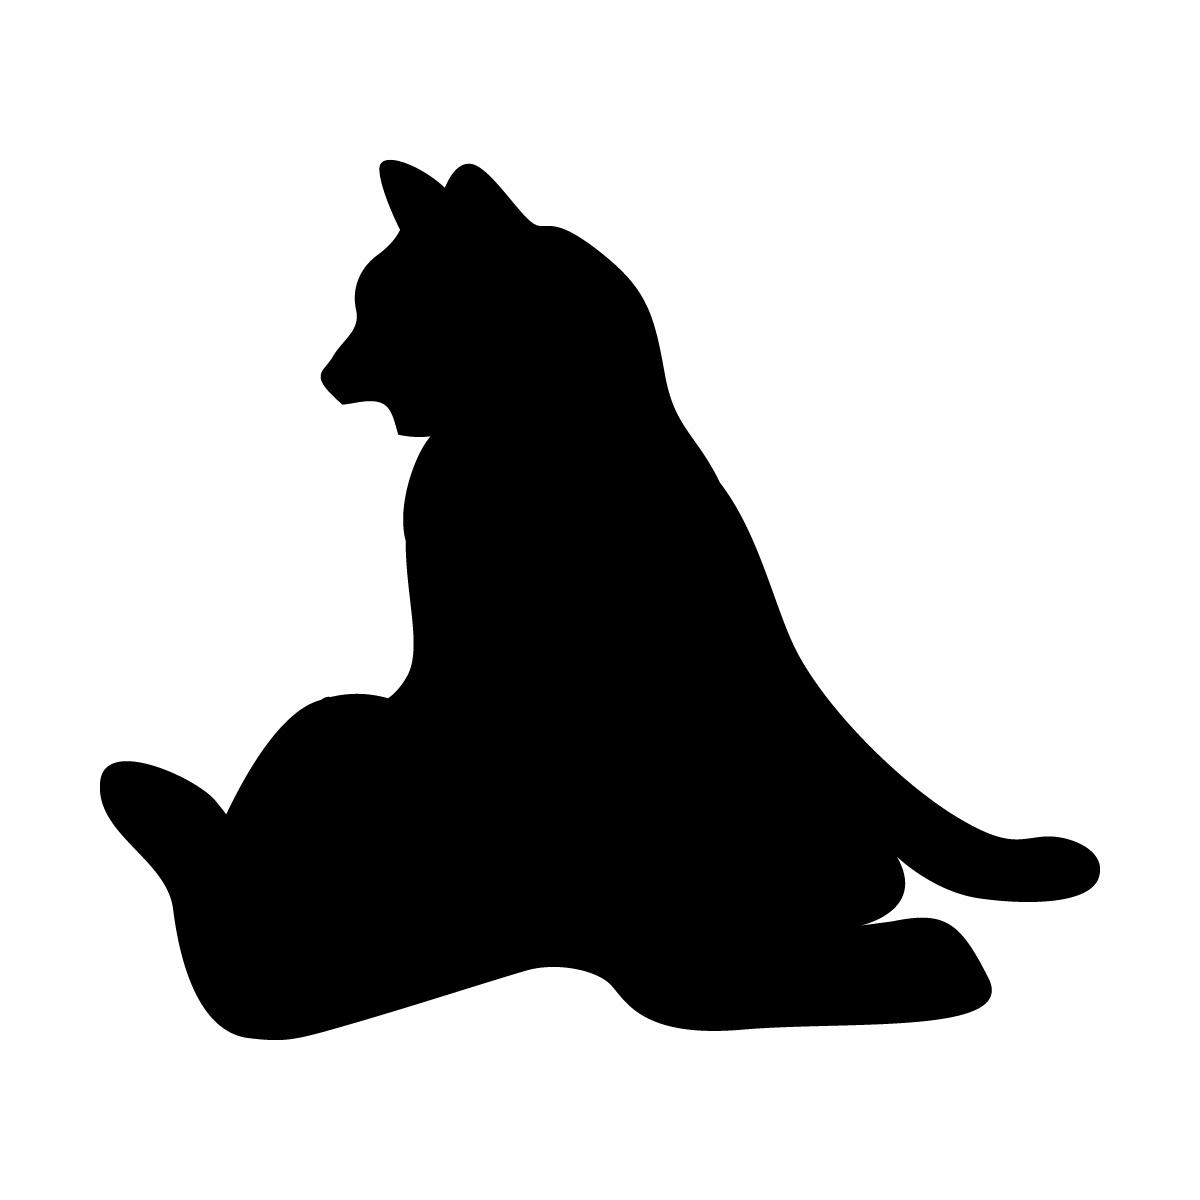 黒色の猫のシルエットステッカー 寄りかかって座るネコ ねこ キャット ポーズ シール